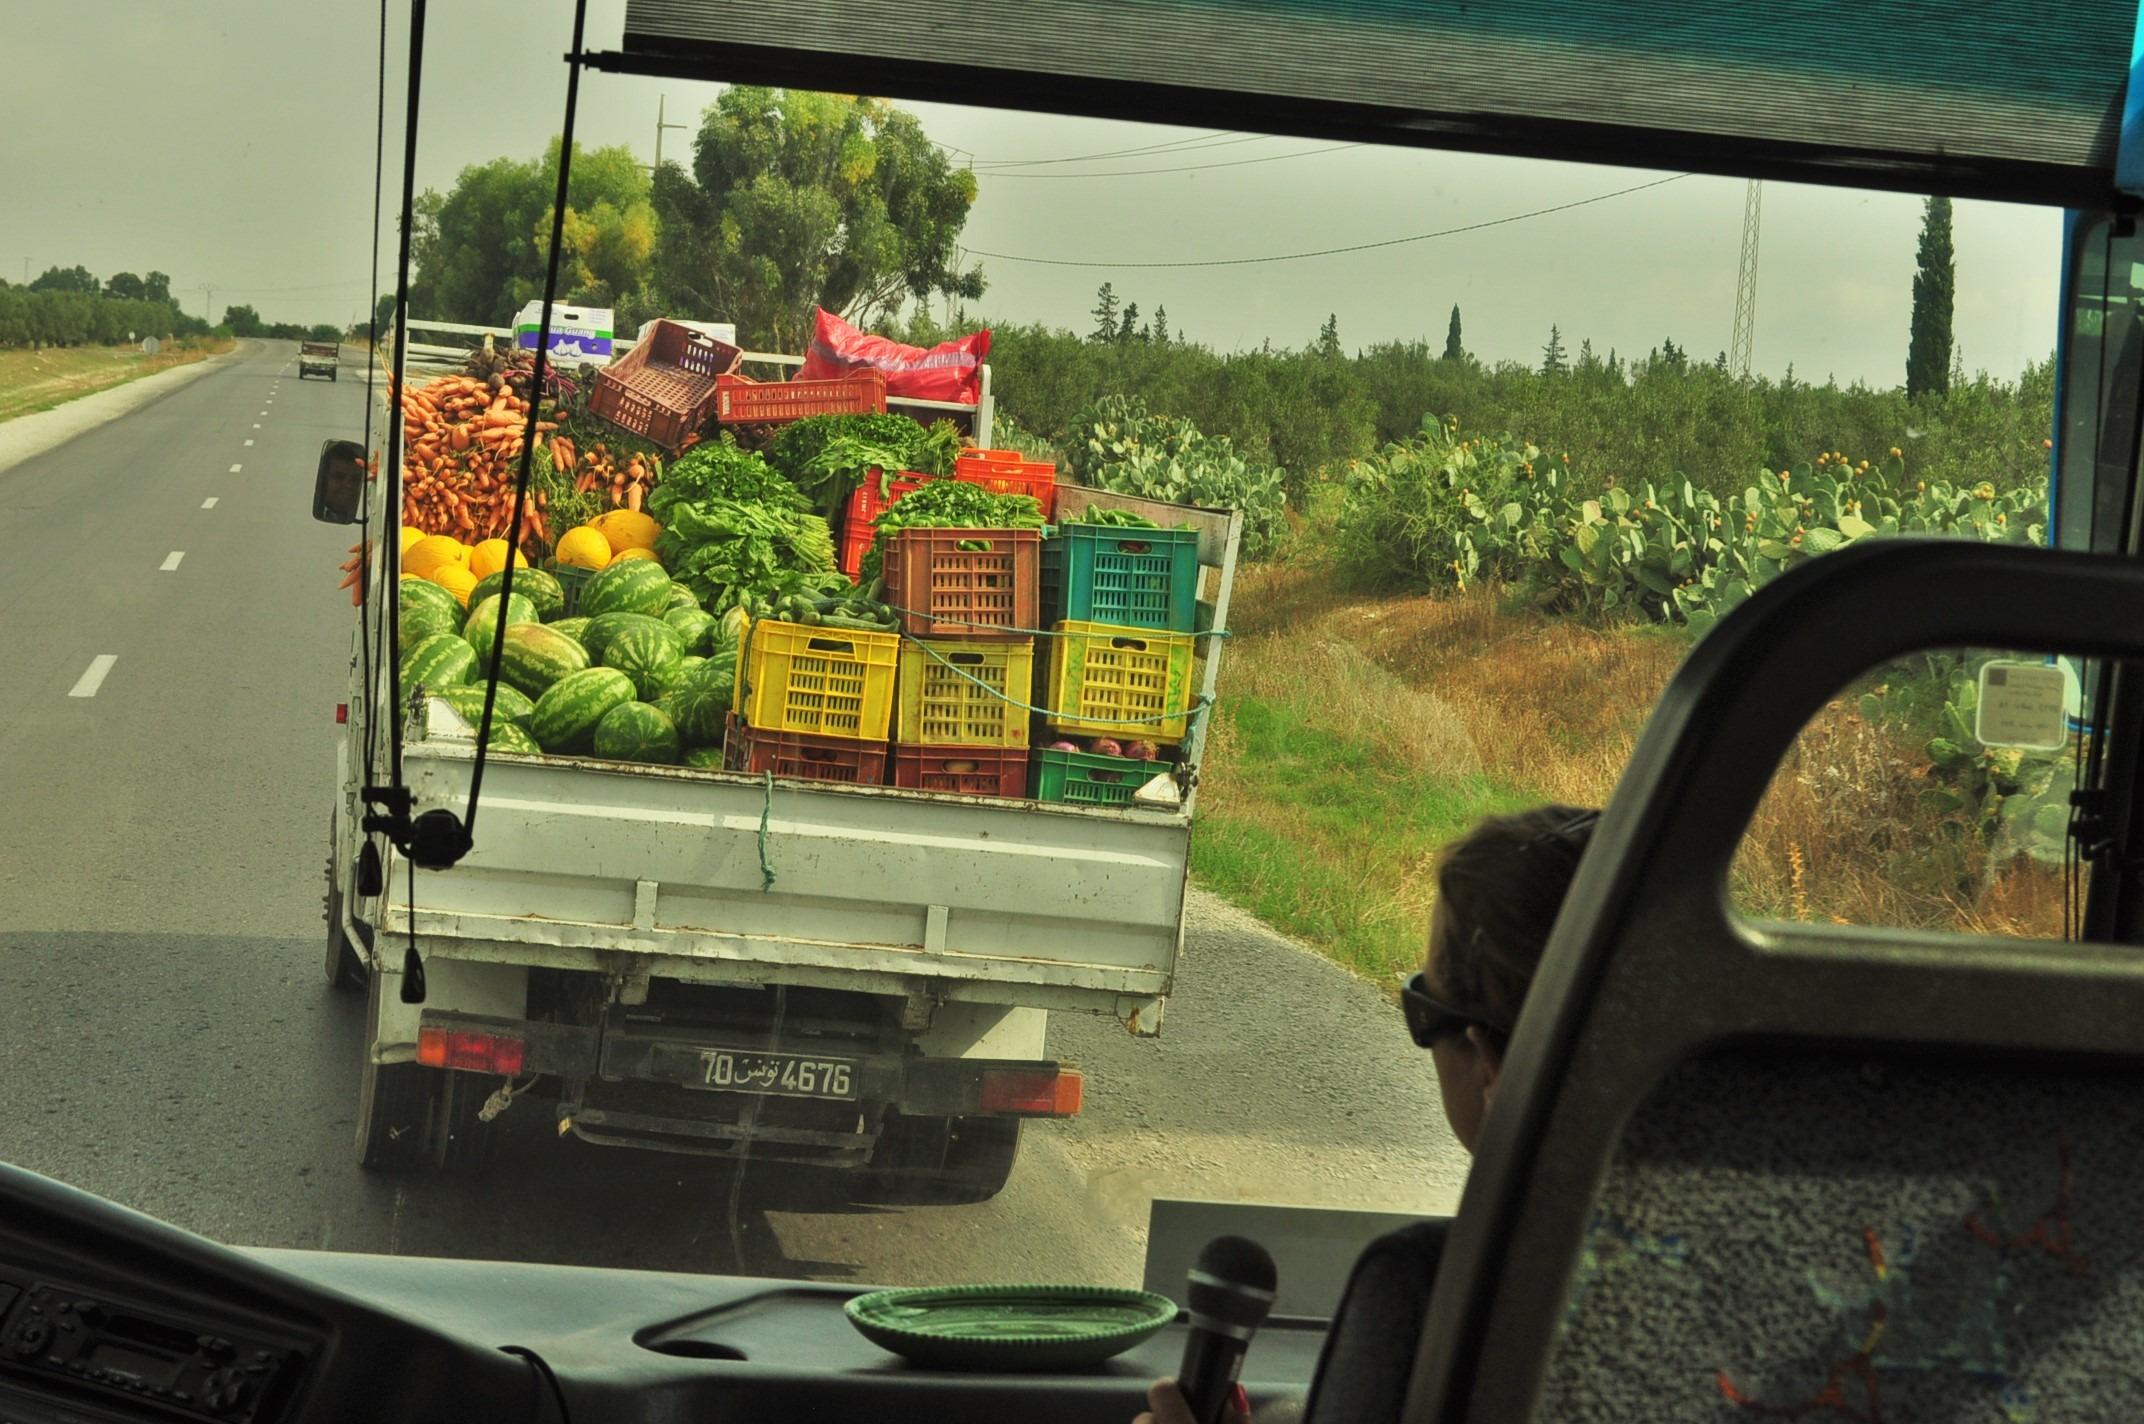 В Северен Тунис се ширят плодородни земи, които раждат божествено вкусни зеленчуци и плодове. Водещи производители са не само на маслини, фурми и пр.,  но и на по-студенолюбиви плодове, като ягоди например.